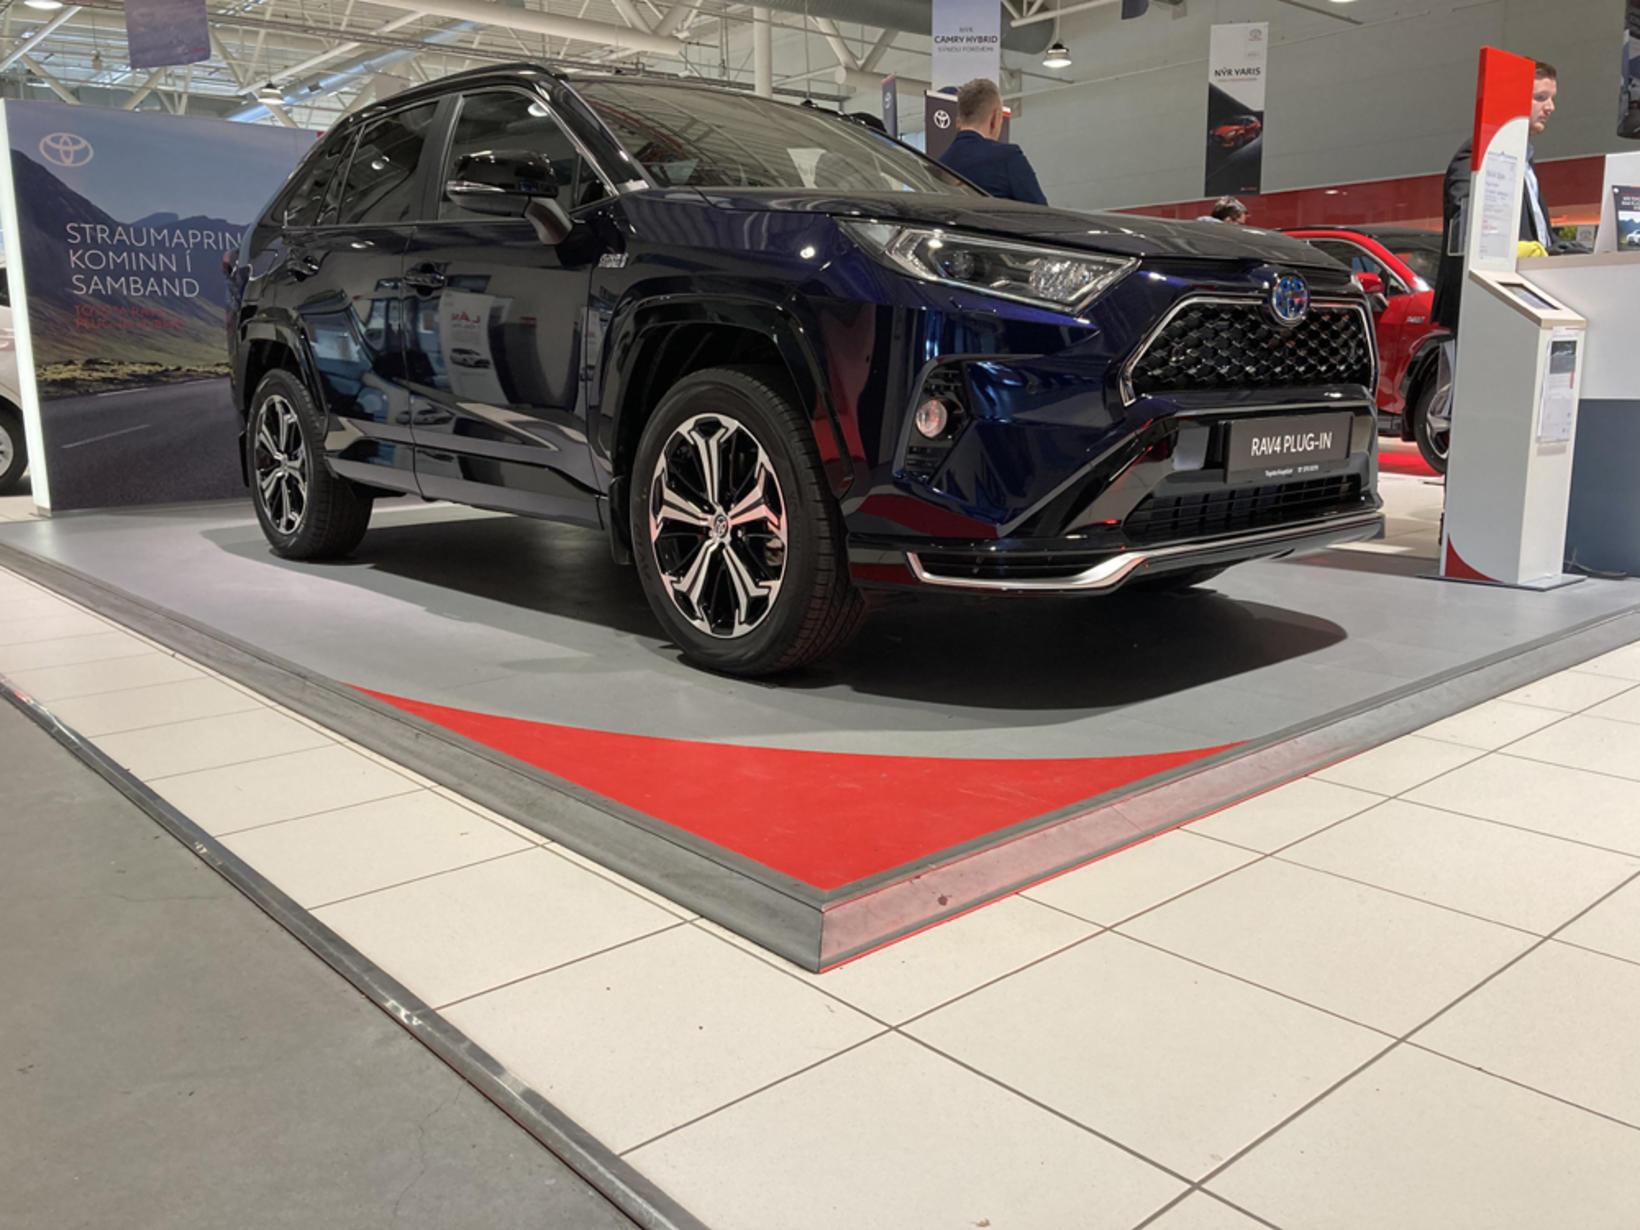 Toyota RAV4 tengiltvinnbíllinn á sýningunni um helgina.